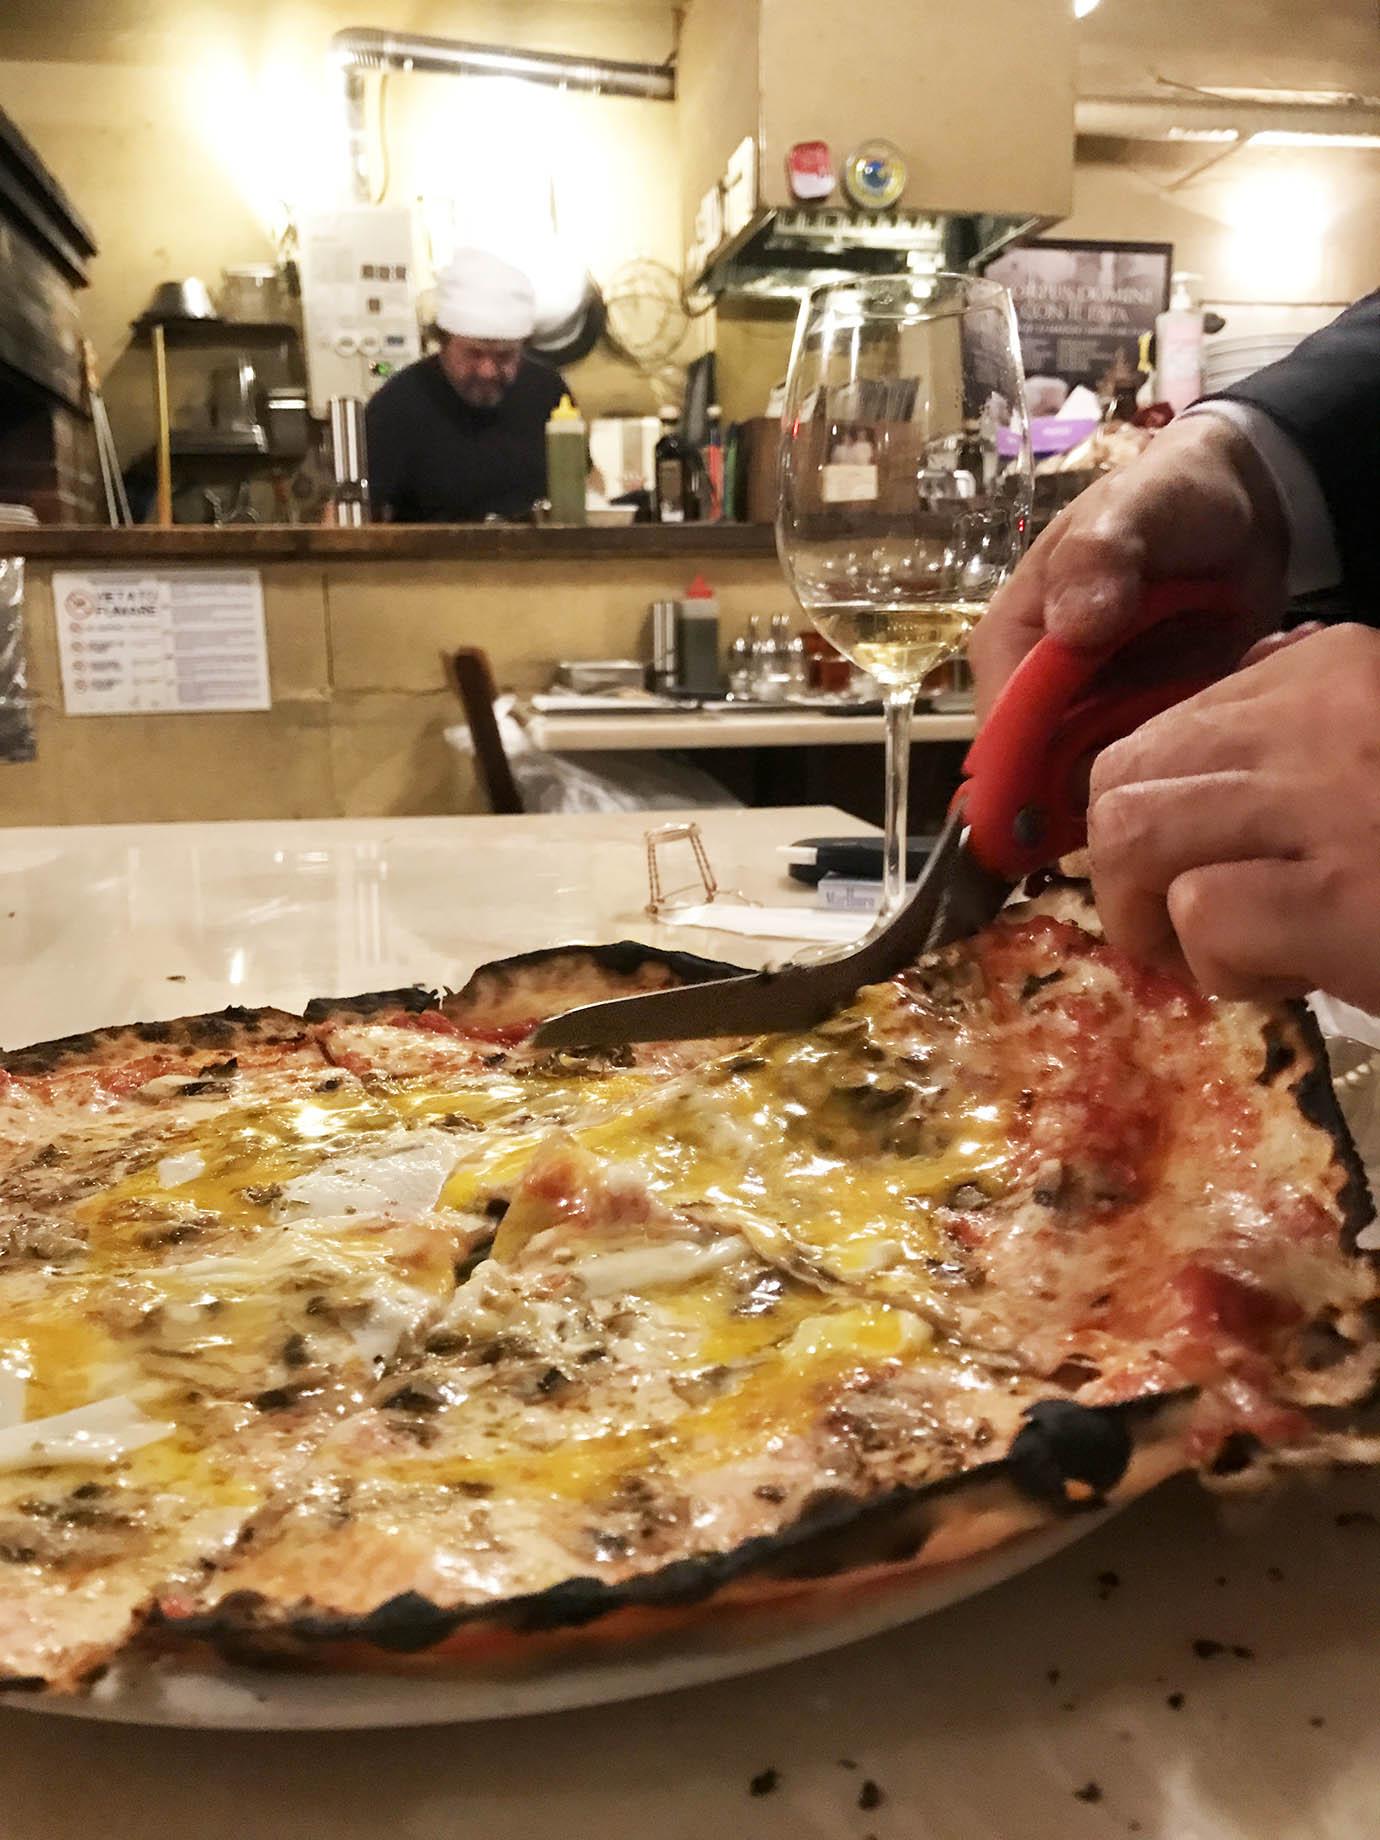 pizzeria-romana-ilpentito-pizza97